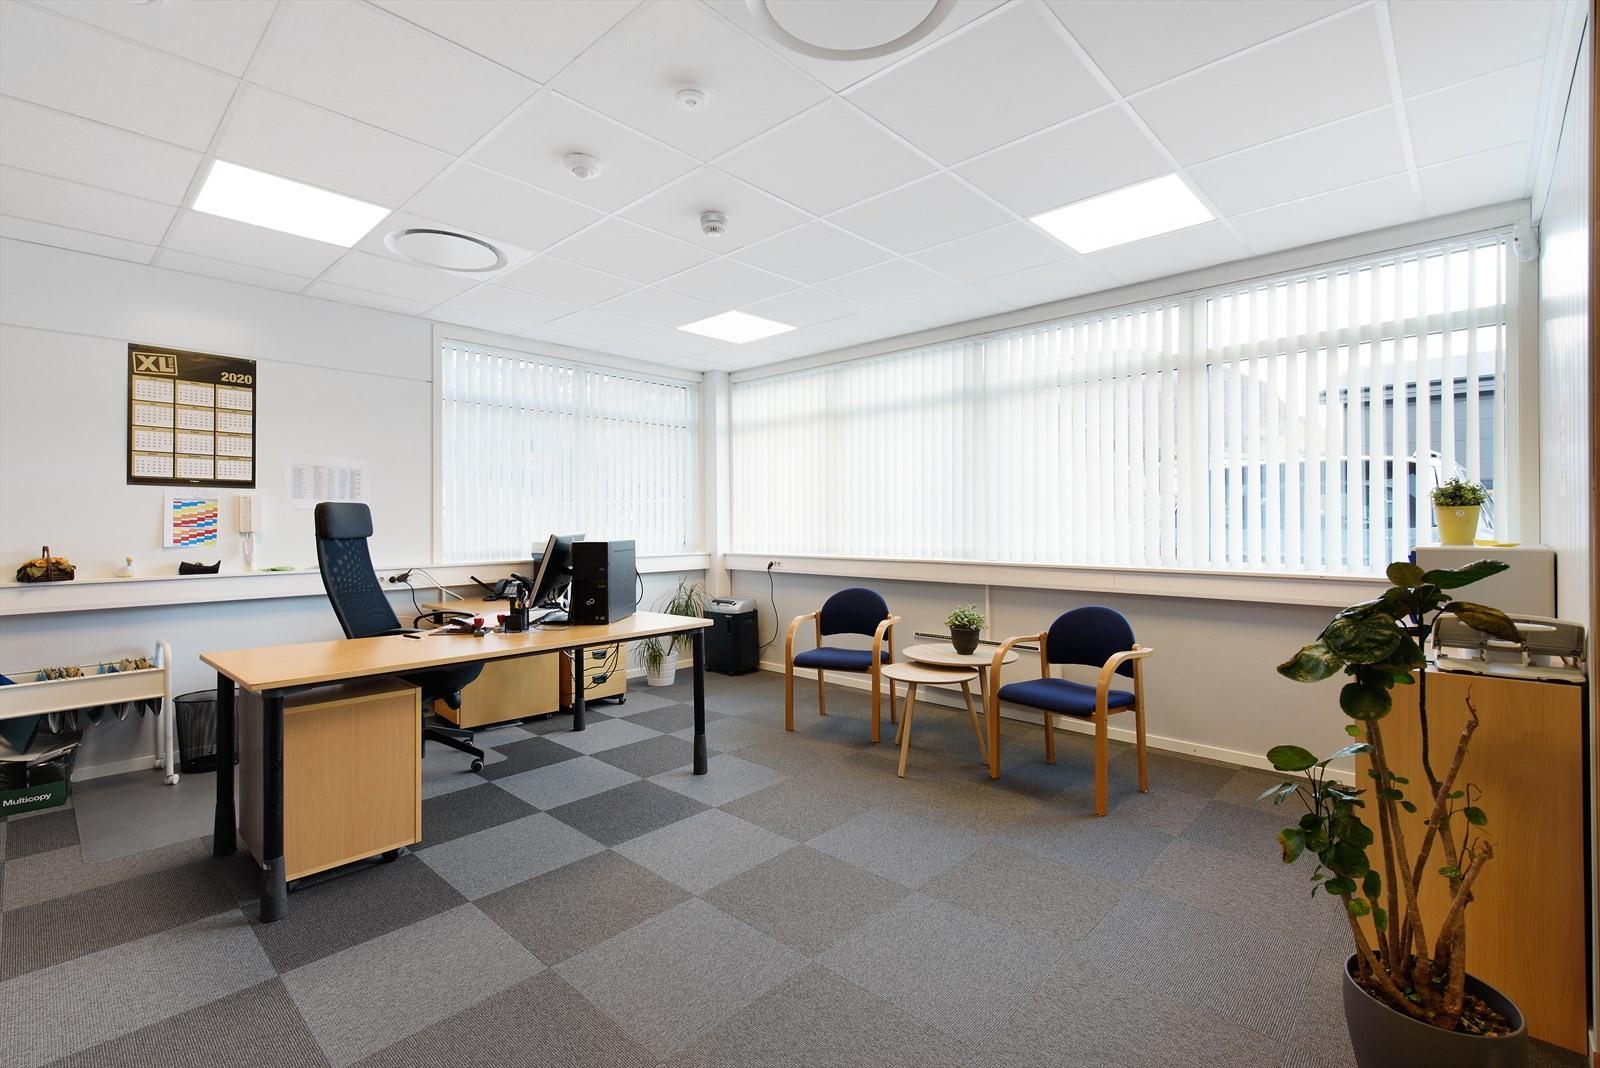 Bilde av kontorlokaler i byggets 1. etasje som viser valg av materialer og kvaliteter.